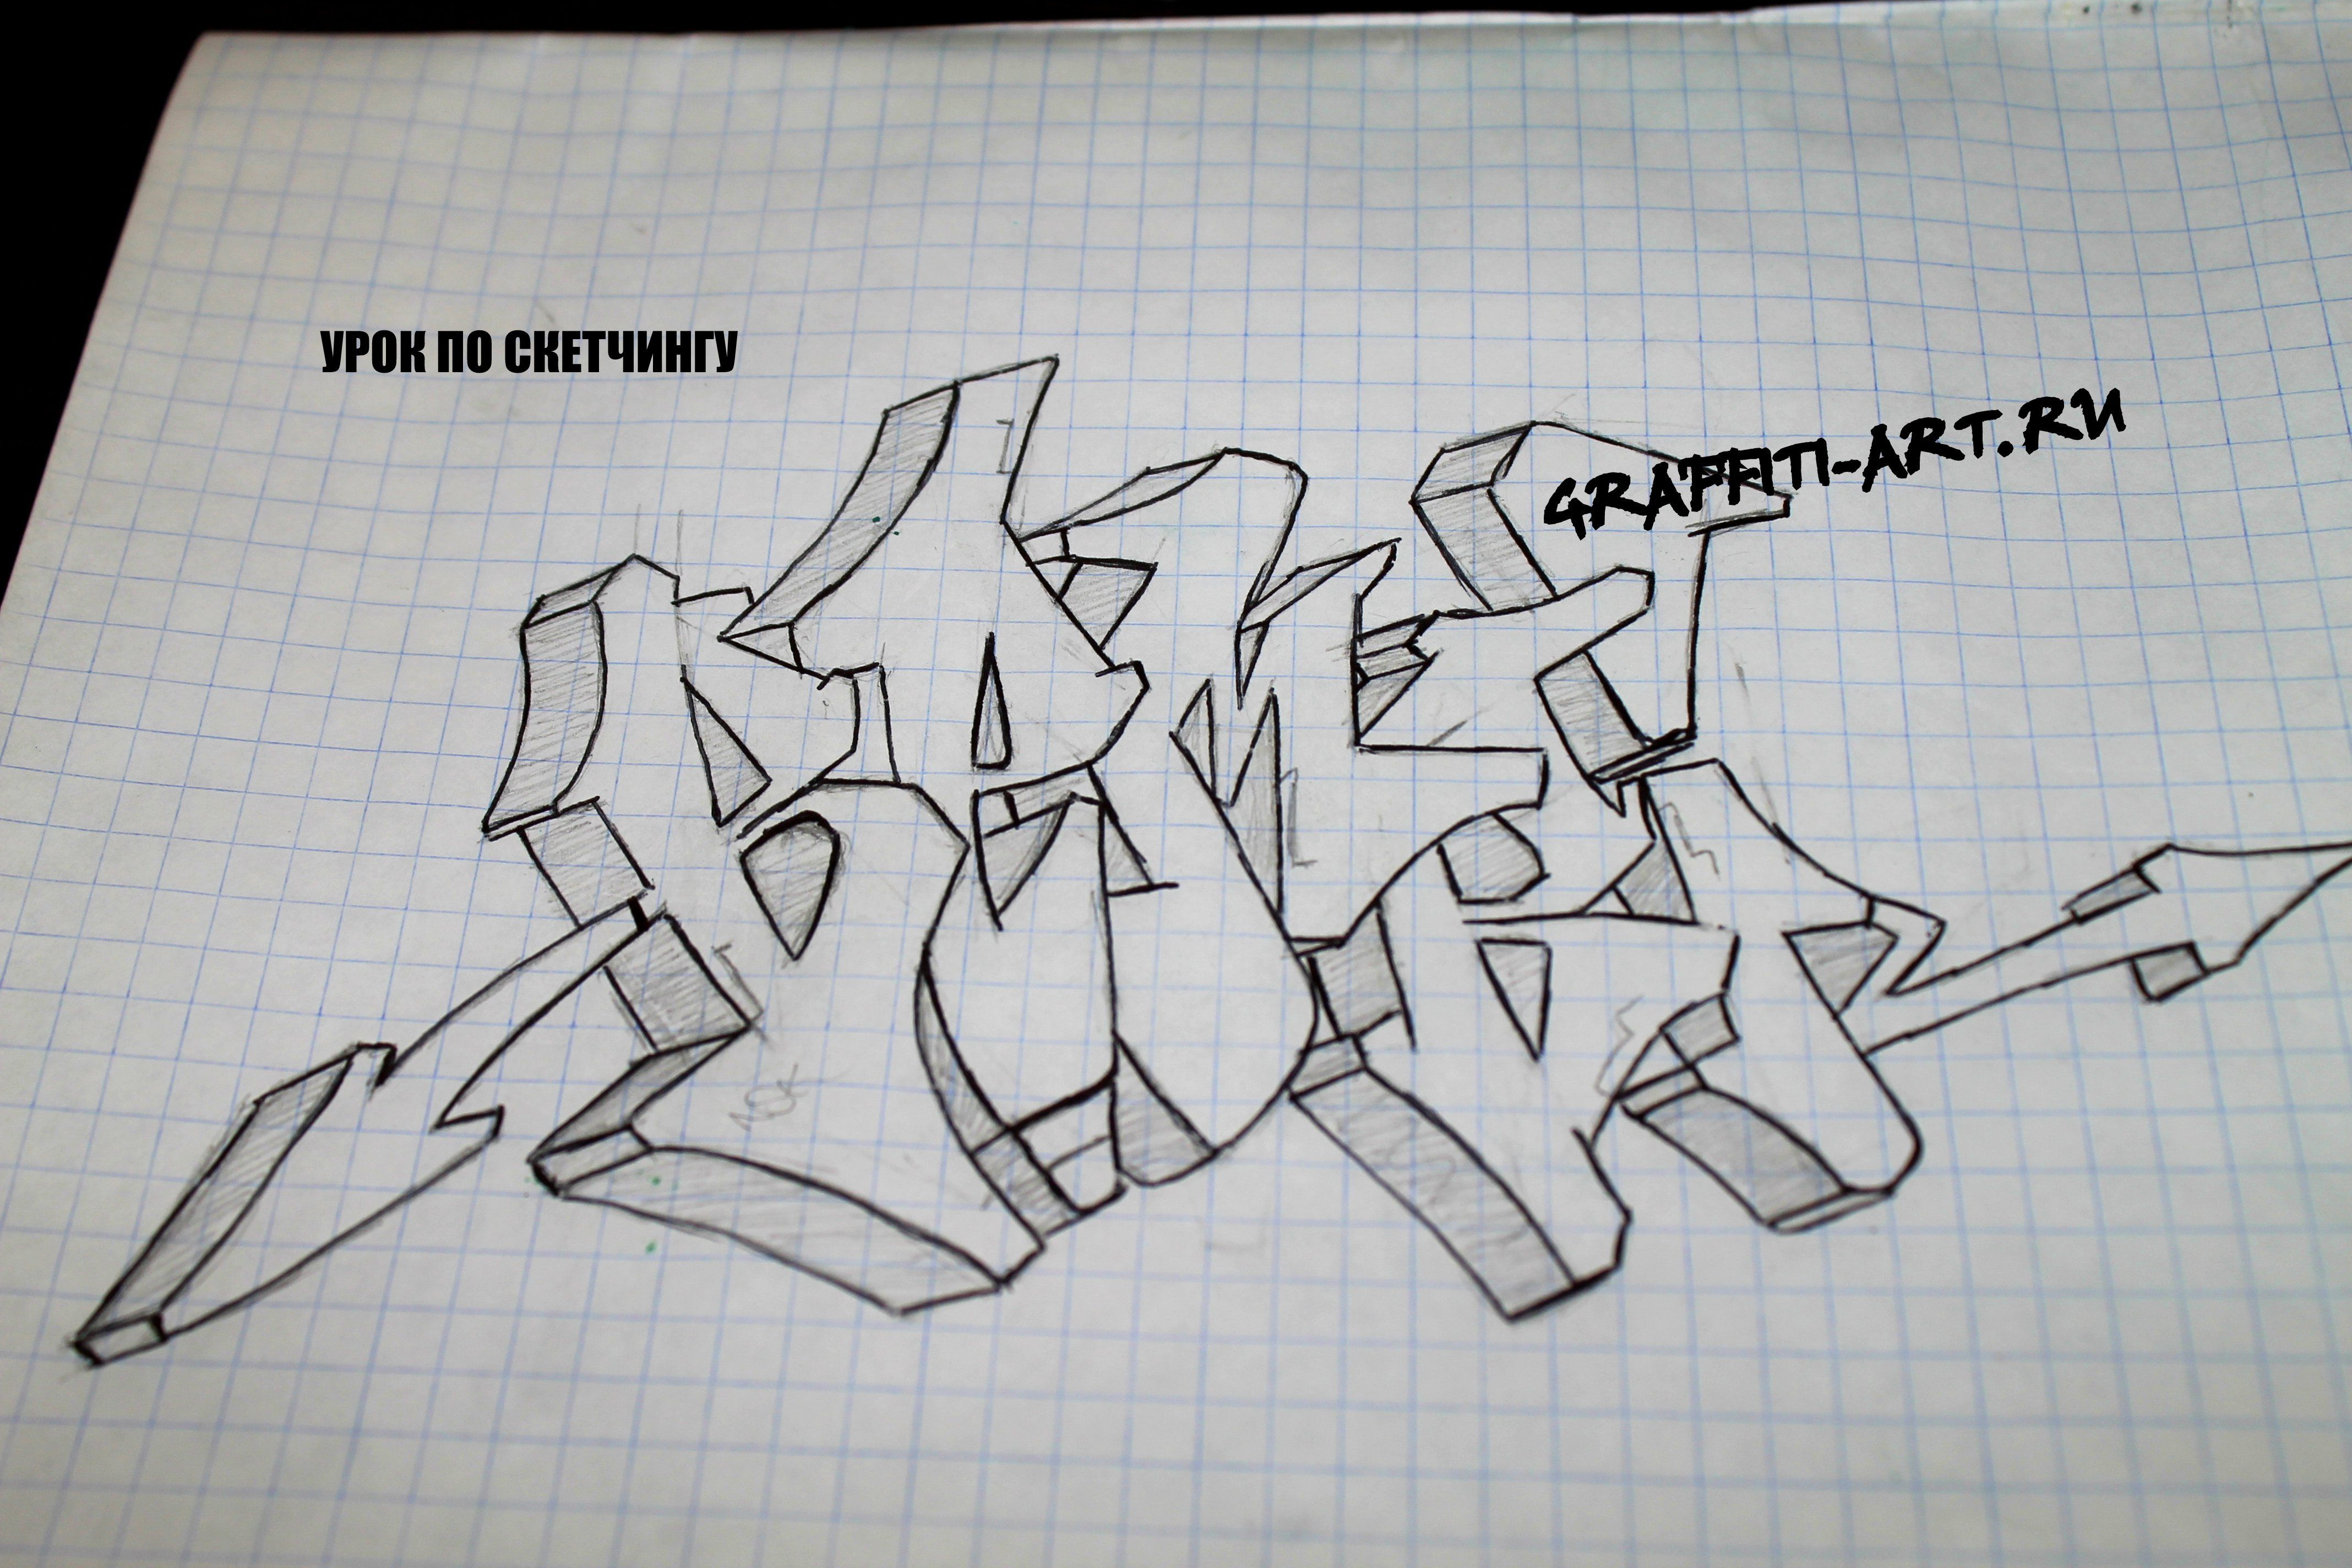 граффити на бумаге карандашом фото картинки выбор